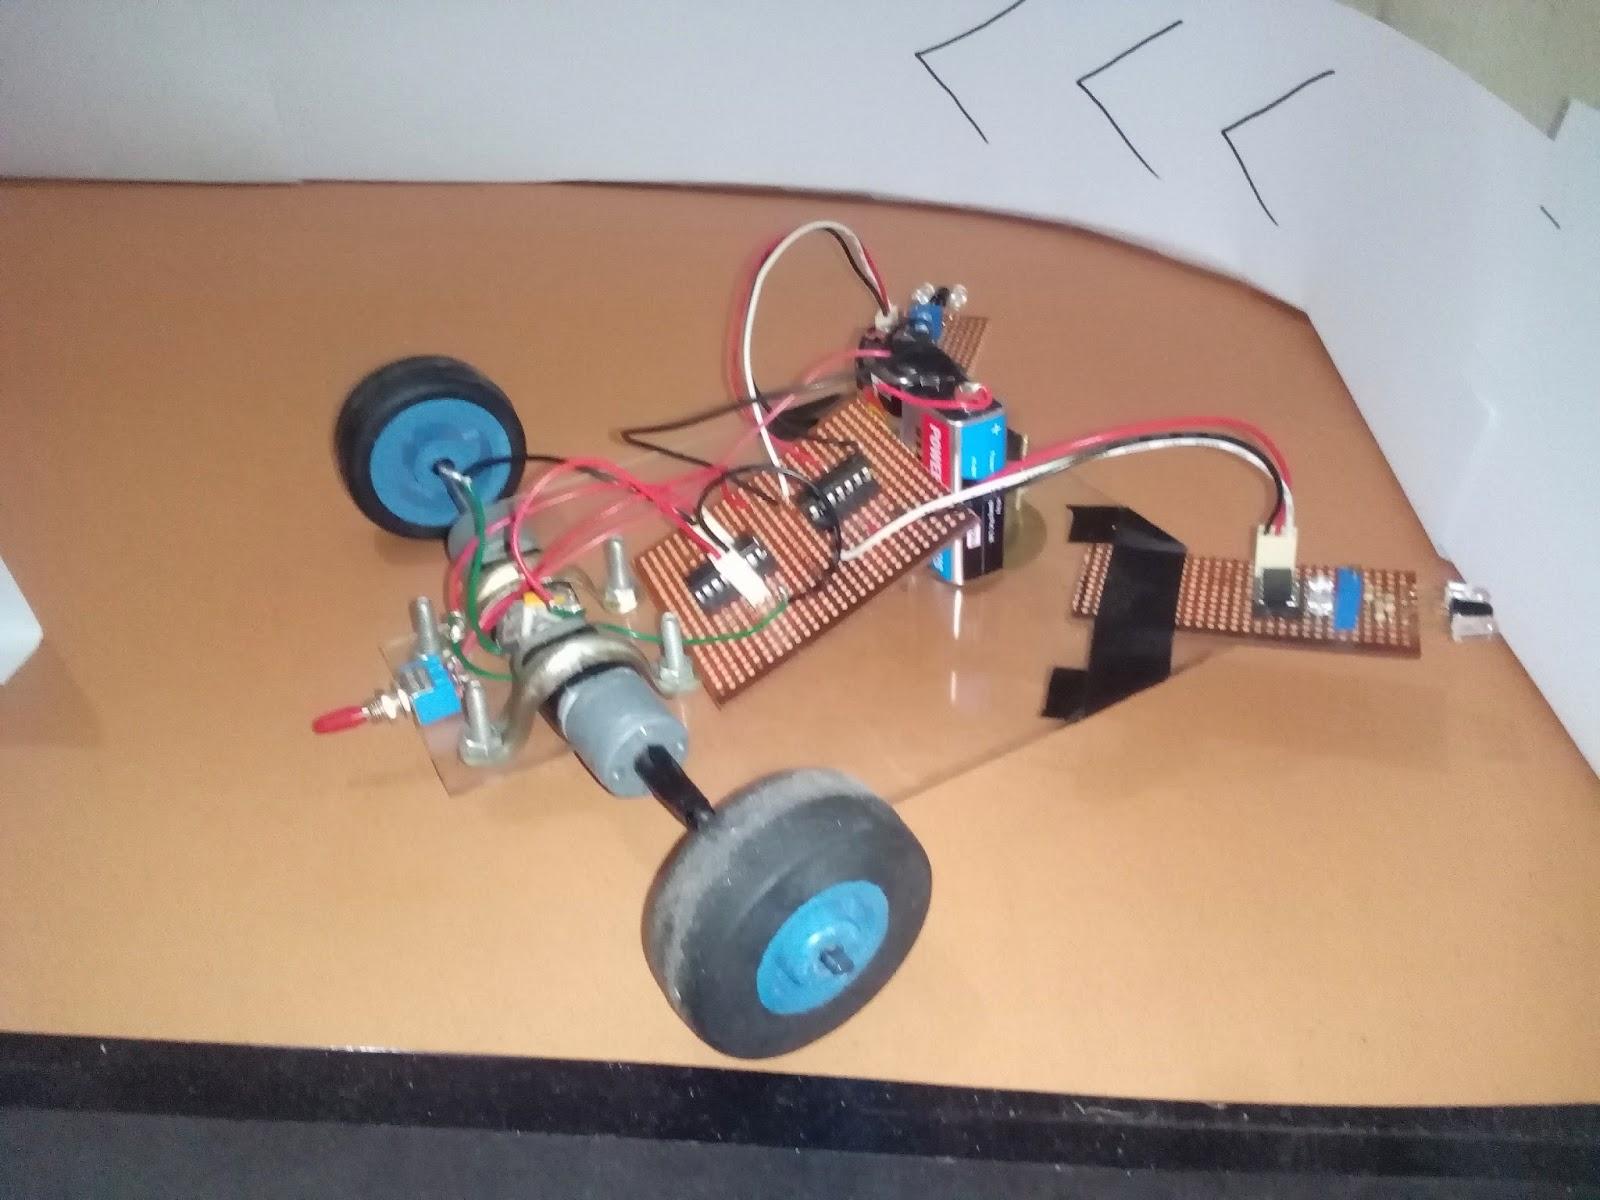 toy robot wiring diagram wiring librarytoy robot wiring diagram [ 1600 x 1200 Pixel ]